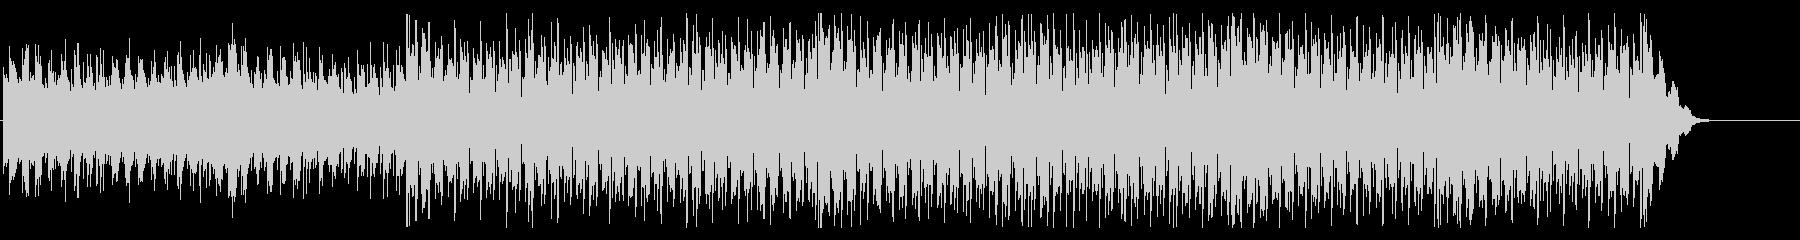 CG感の強い四つ打ちの未再生の波形